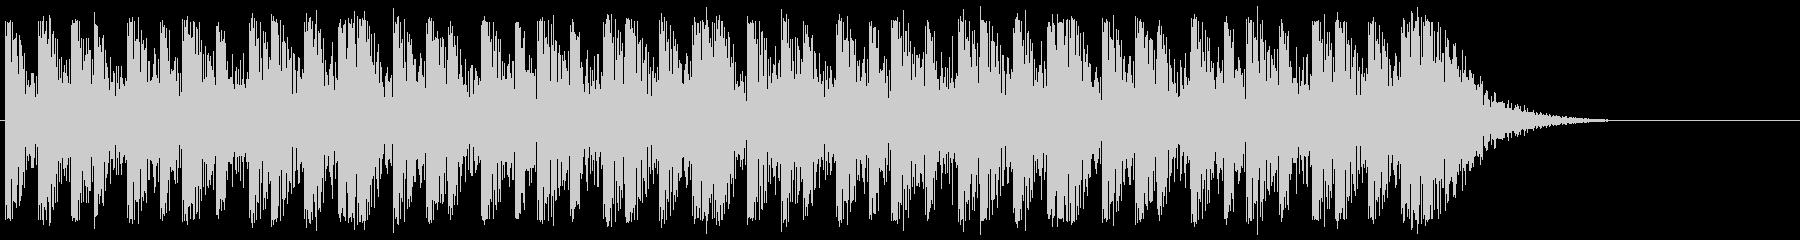 太鼓系楽器のみの迫力あるリズムループで…の未再生の波形